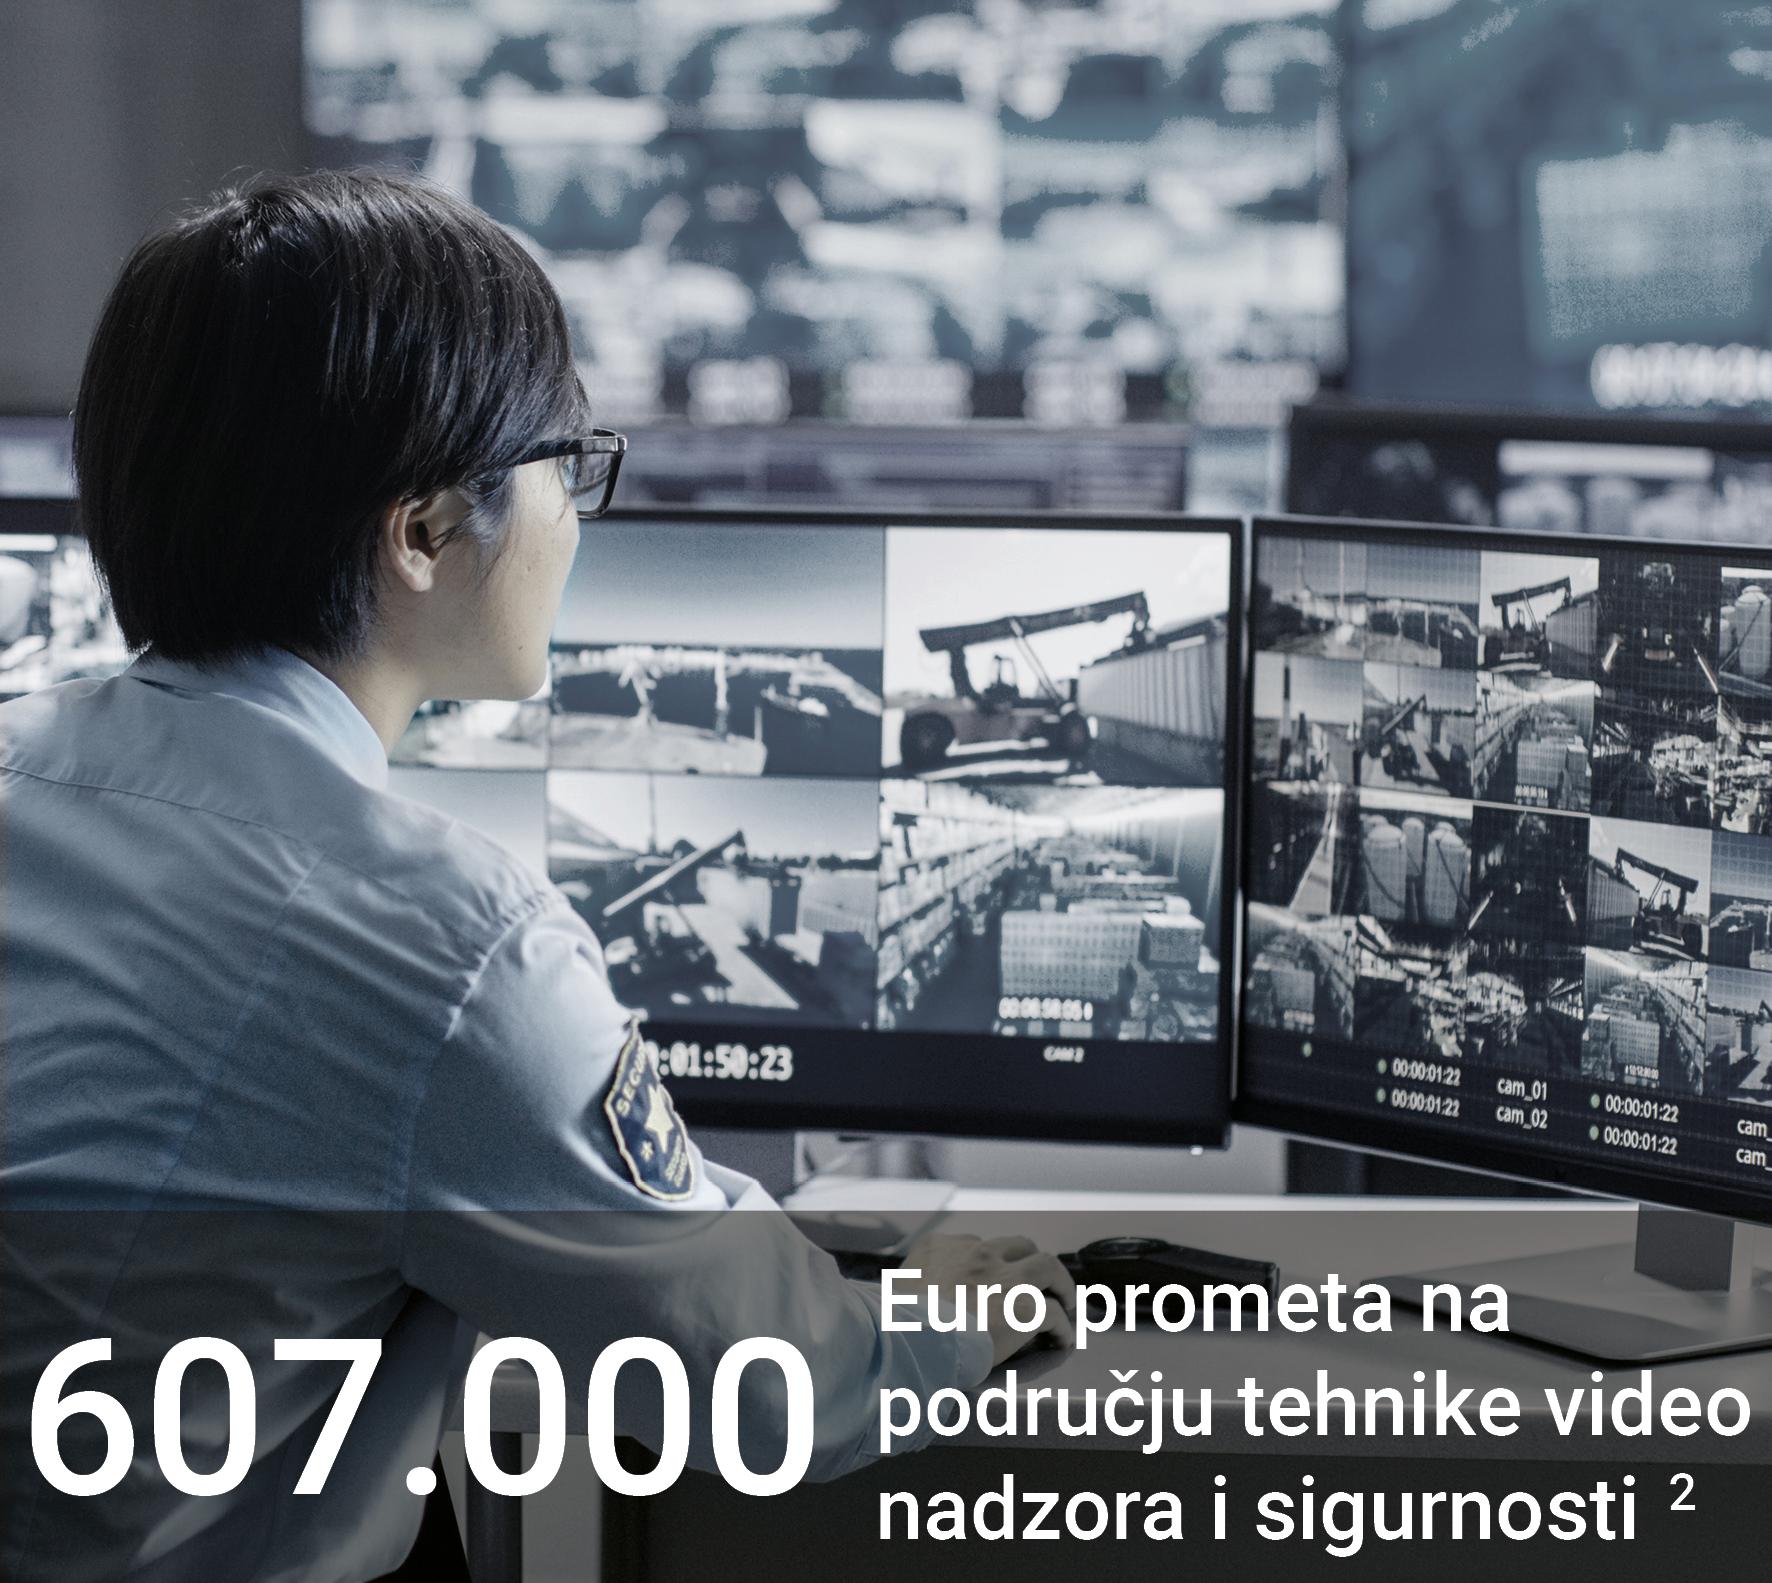 Sigurnosna video tehnologija